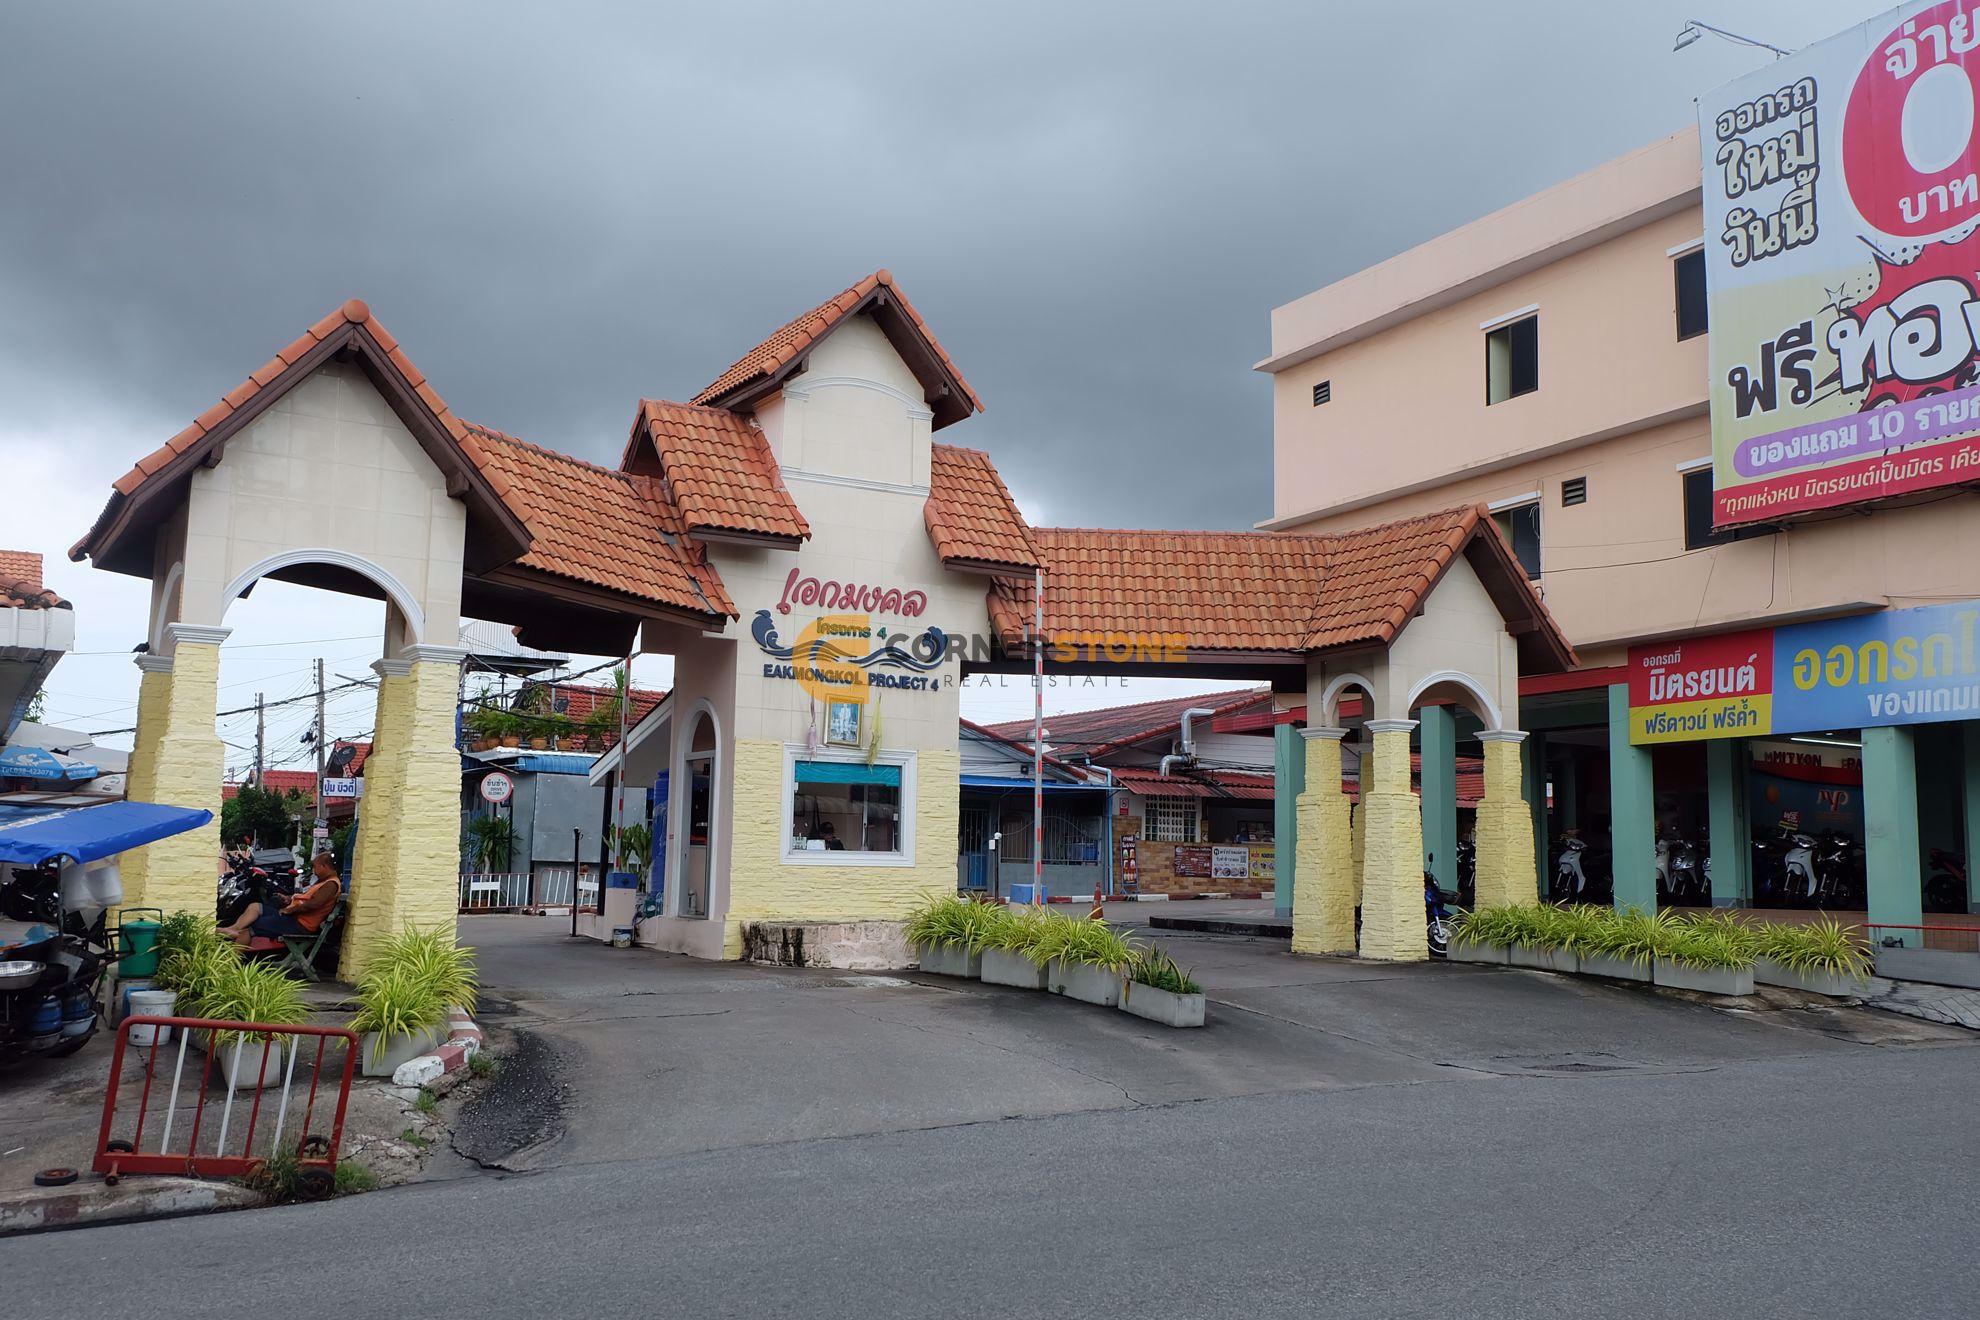 Eakmongkol Village 4